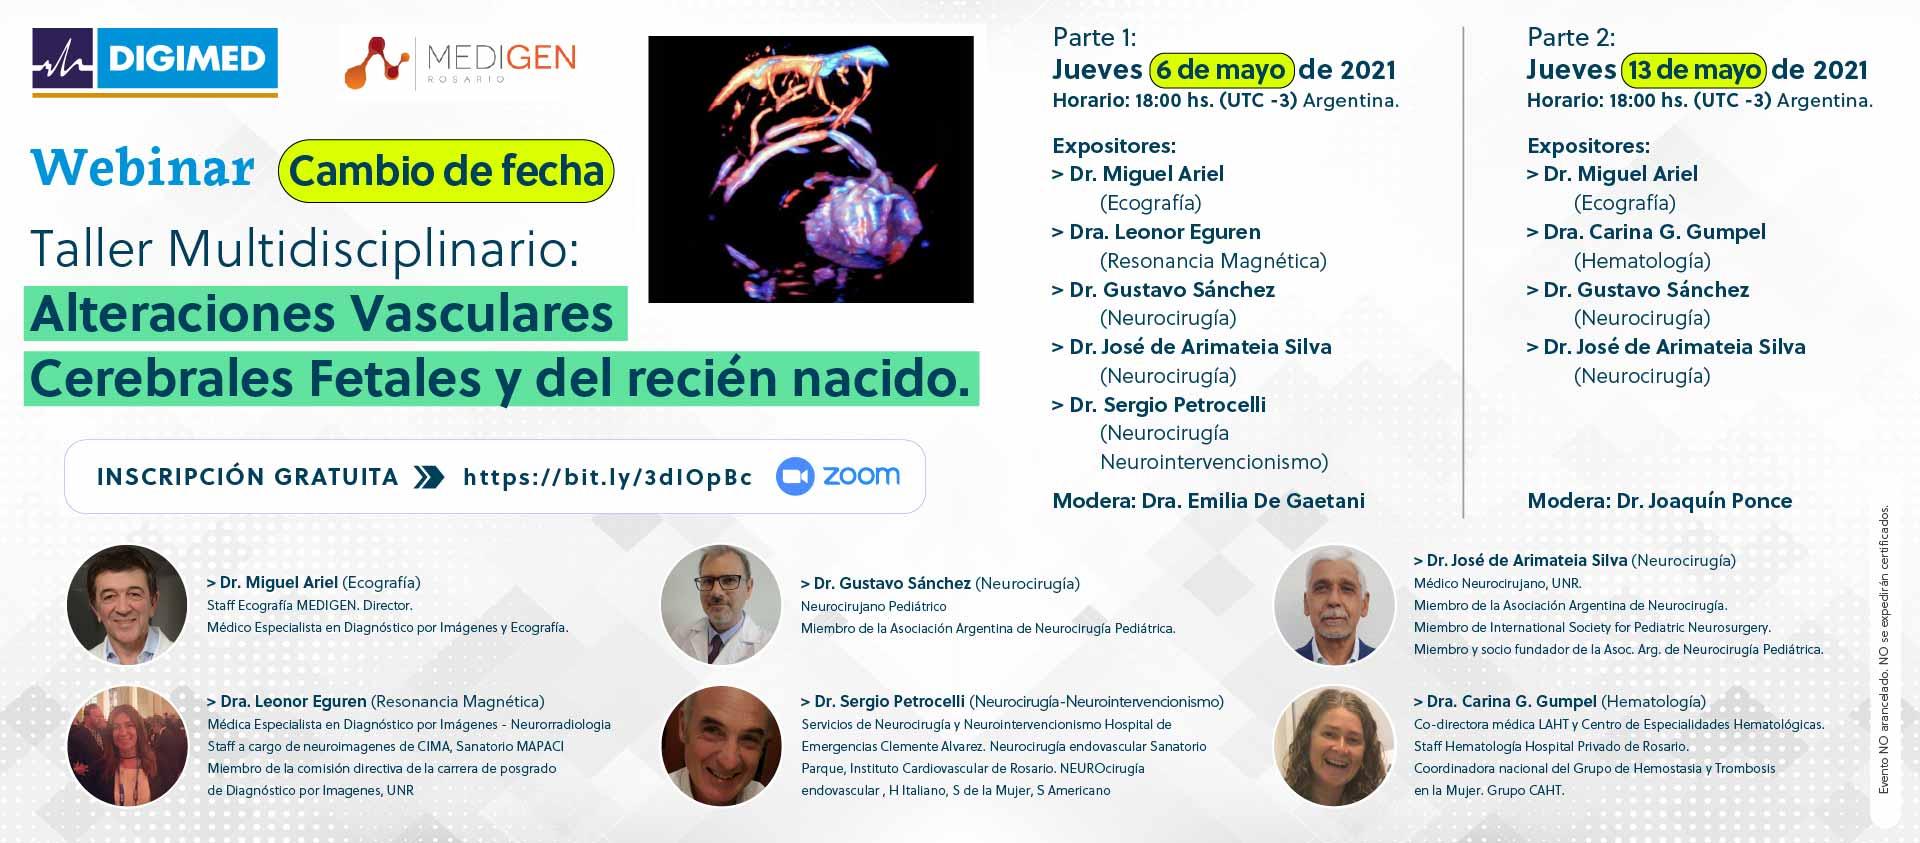 Webinar: Taller Multidisciplinario - Alteraciones Vasculares Cerebrales Fetales y del Recién Nacido.